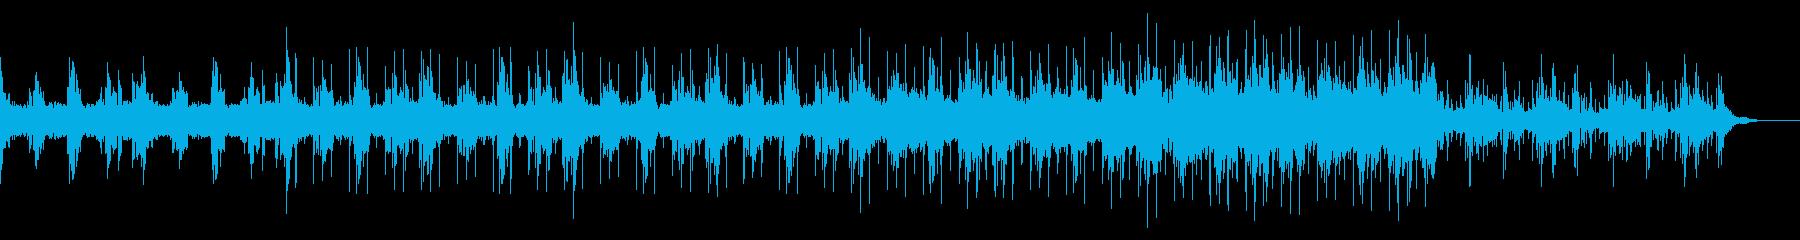 アンビエントなトラップ風エレクトロニカの再生済みの波形